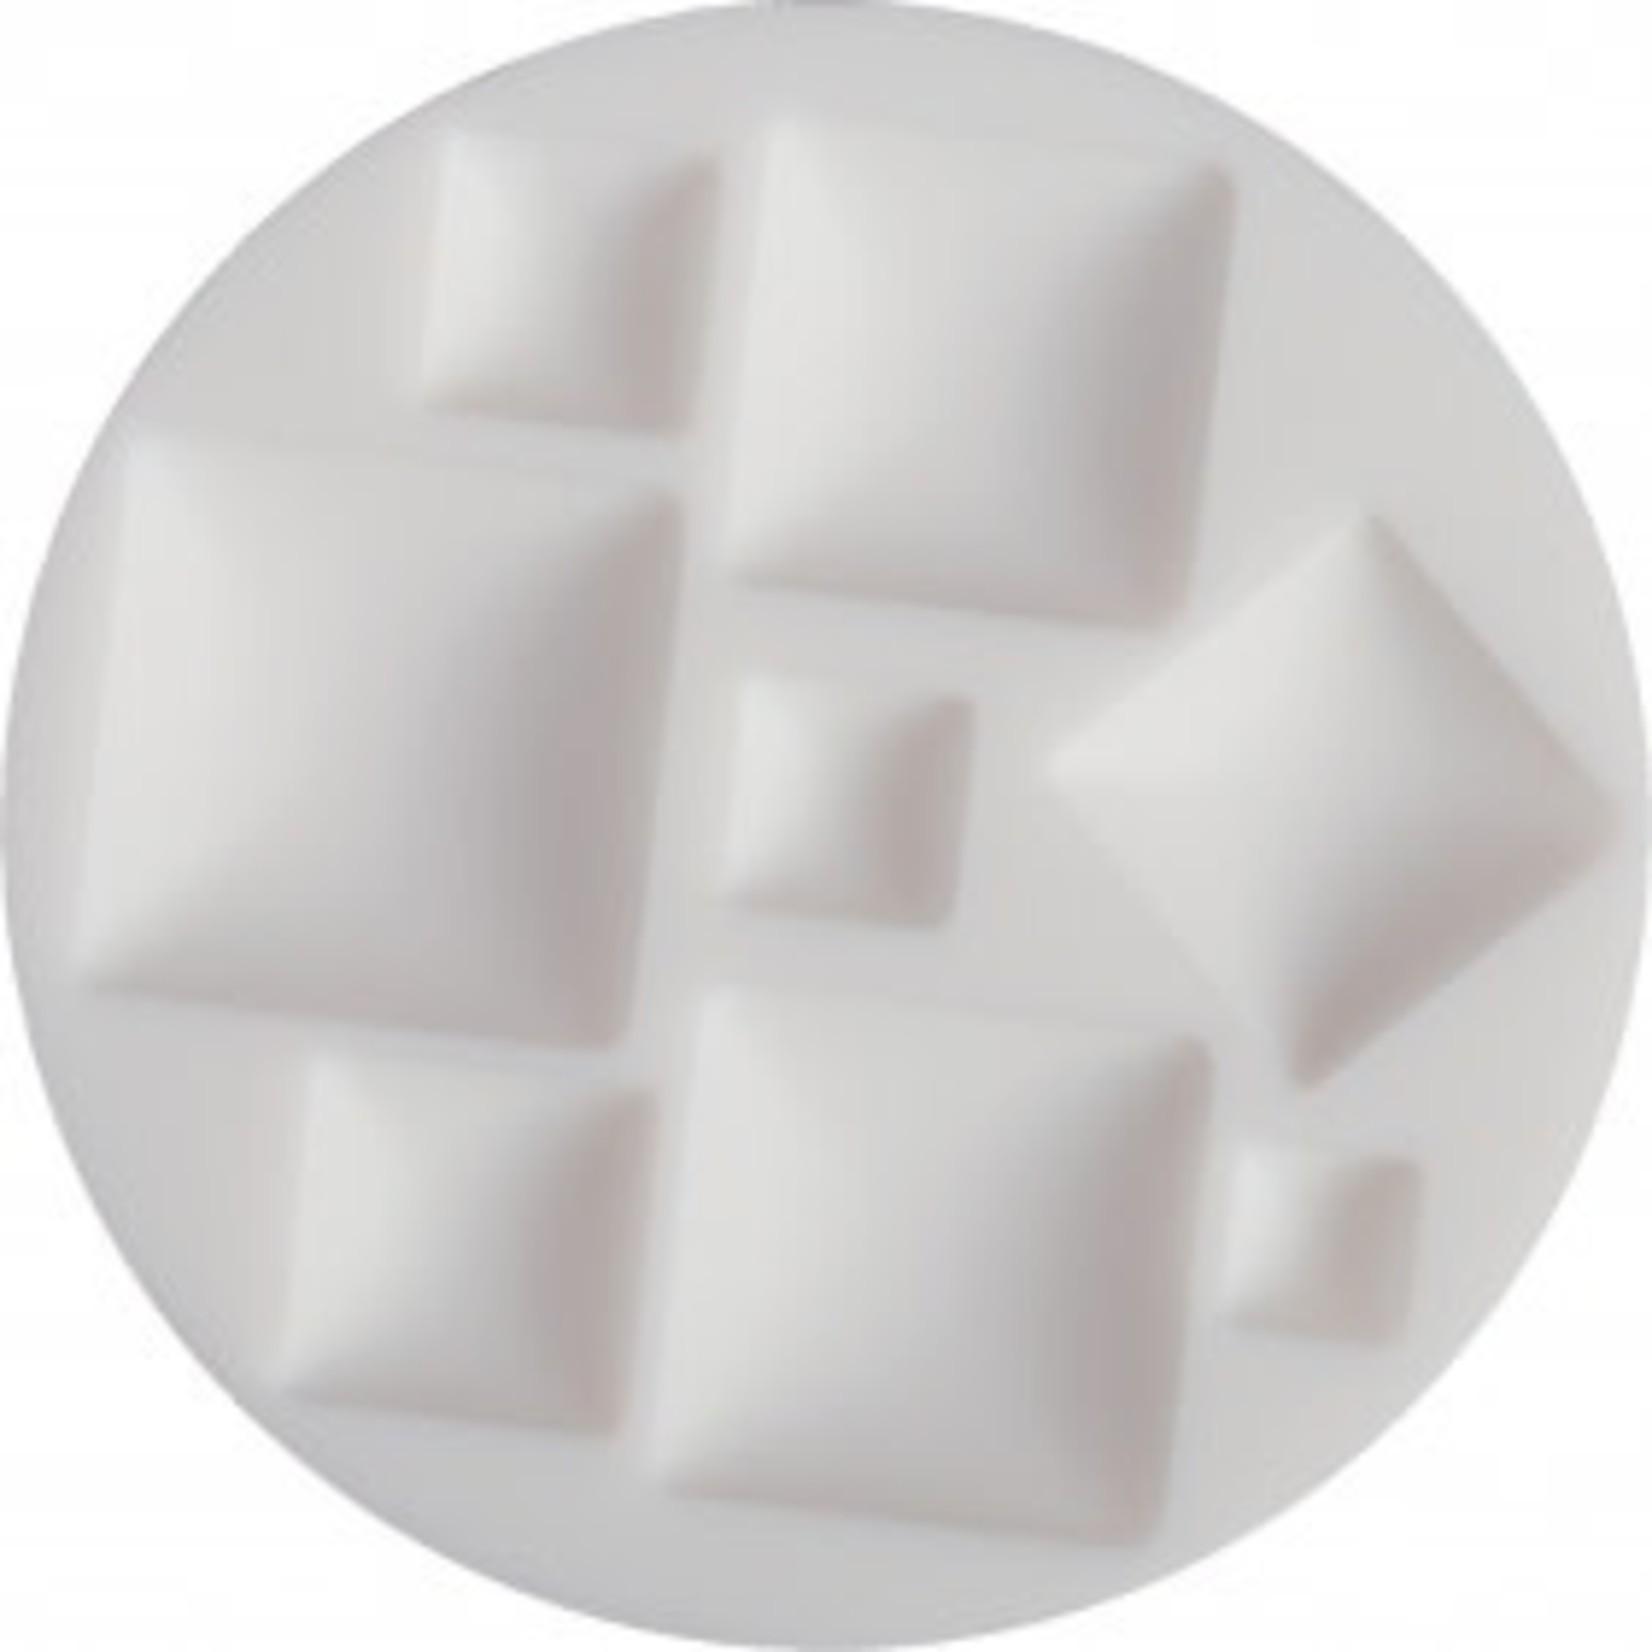 Cernit Cernit Silicone Mold - Square Cabochons